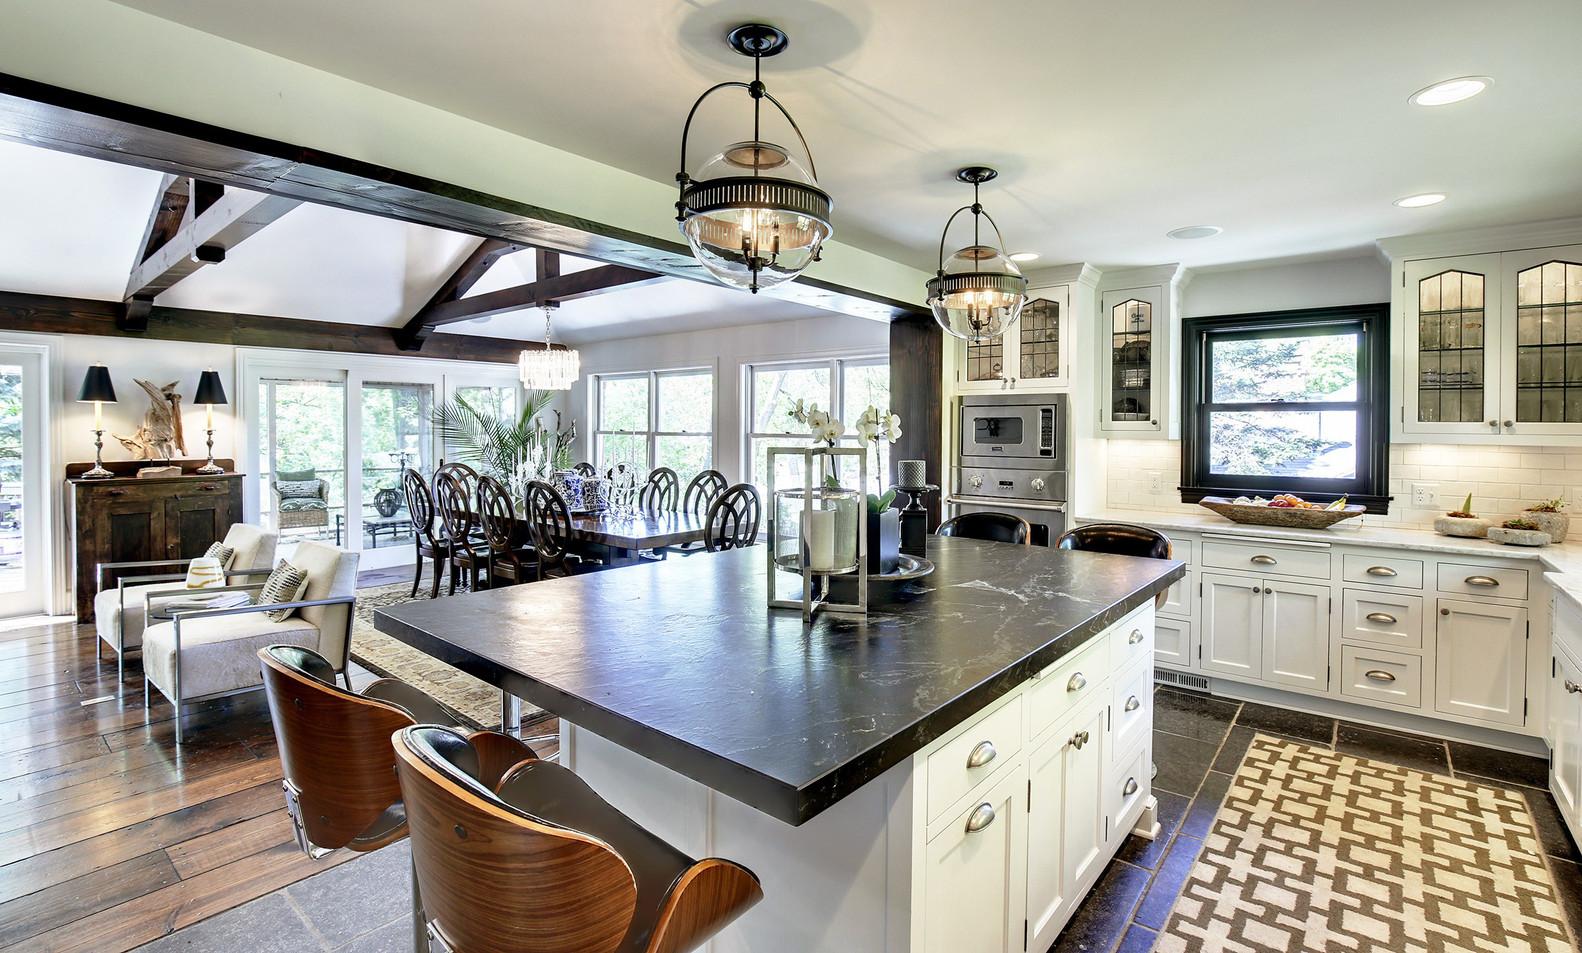 T_6515_kitchen 2.jpg